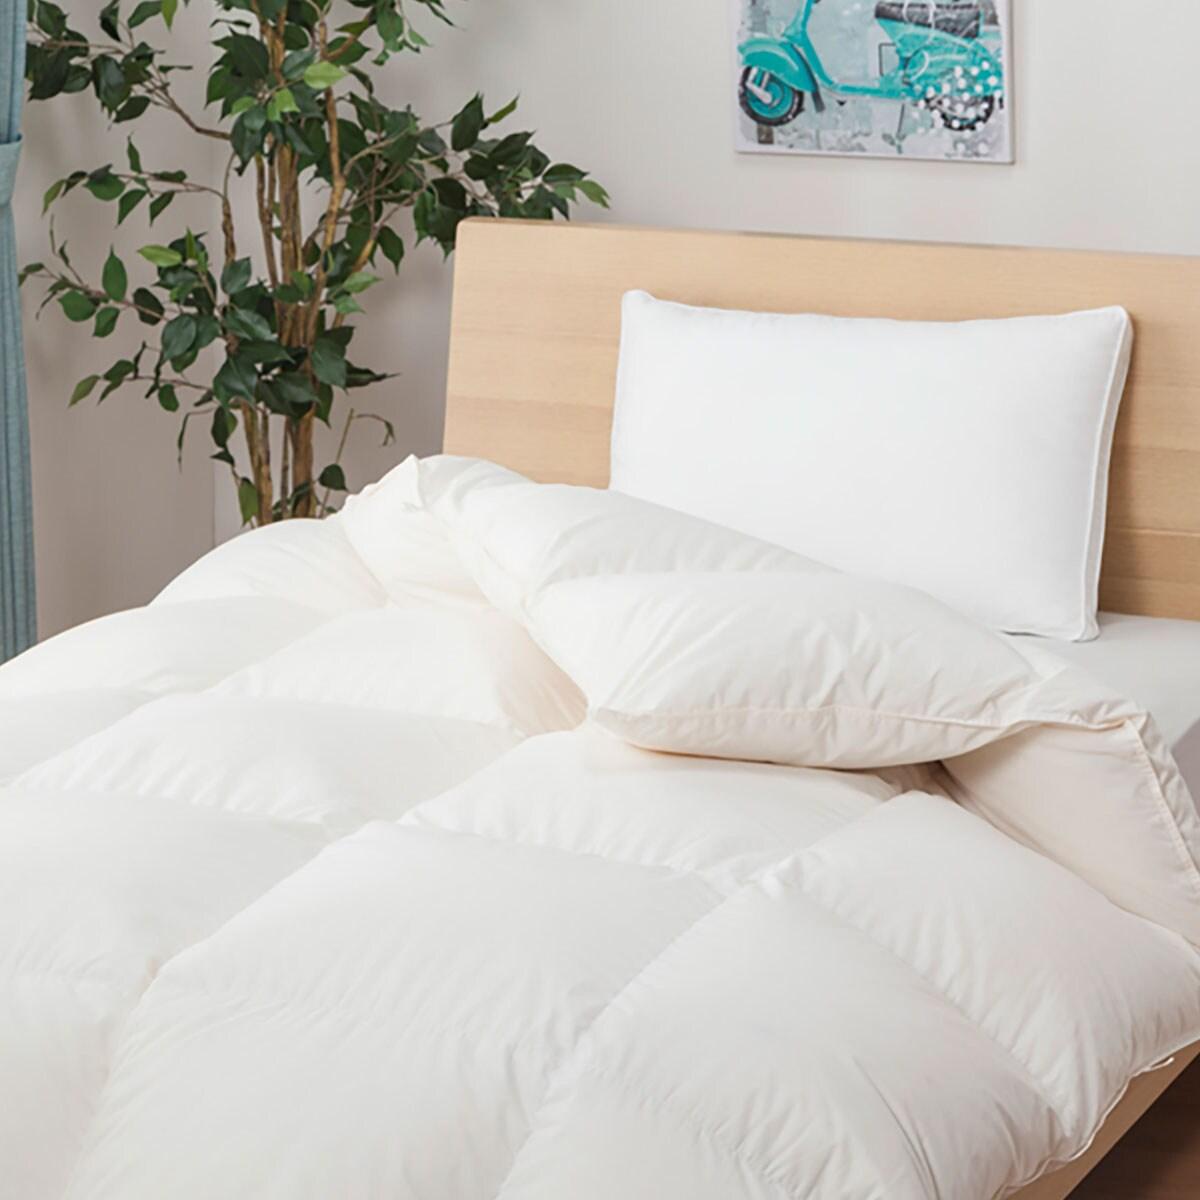 日本で充填 人気の製品 開店祝い 縫製をしているので ふっくらした仕上がりになっています ホワイトグースダウン93%羽毛布団 ボリュームアップ1.4kg ムーンシャンテン3 玄関先迄納品 セミダブル ニトリ 送料無料 1年保証